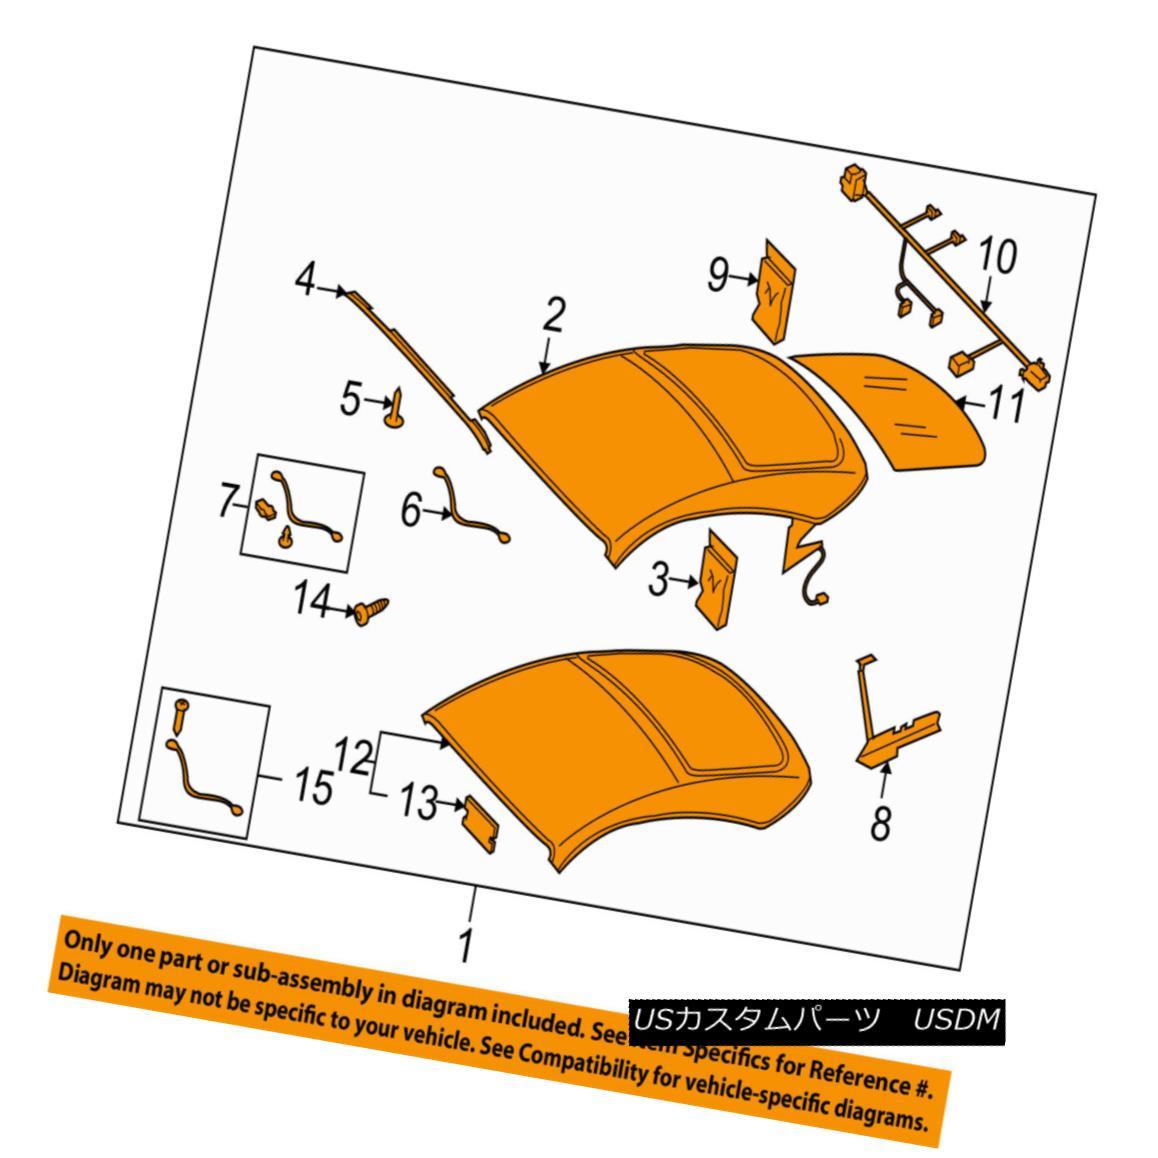 幌・ソフトトップ AUDI OEM 08-09 TT Quattro Convertible Soft Top-Roof Assy 8J7871011BU70 アウディOEM 08-09 TTクワトロコンバーチブルソフトトップルーフアッシー8J7871011BU70